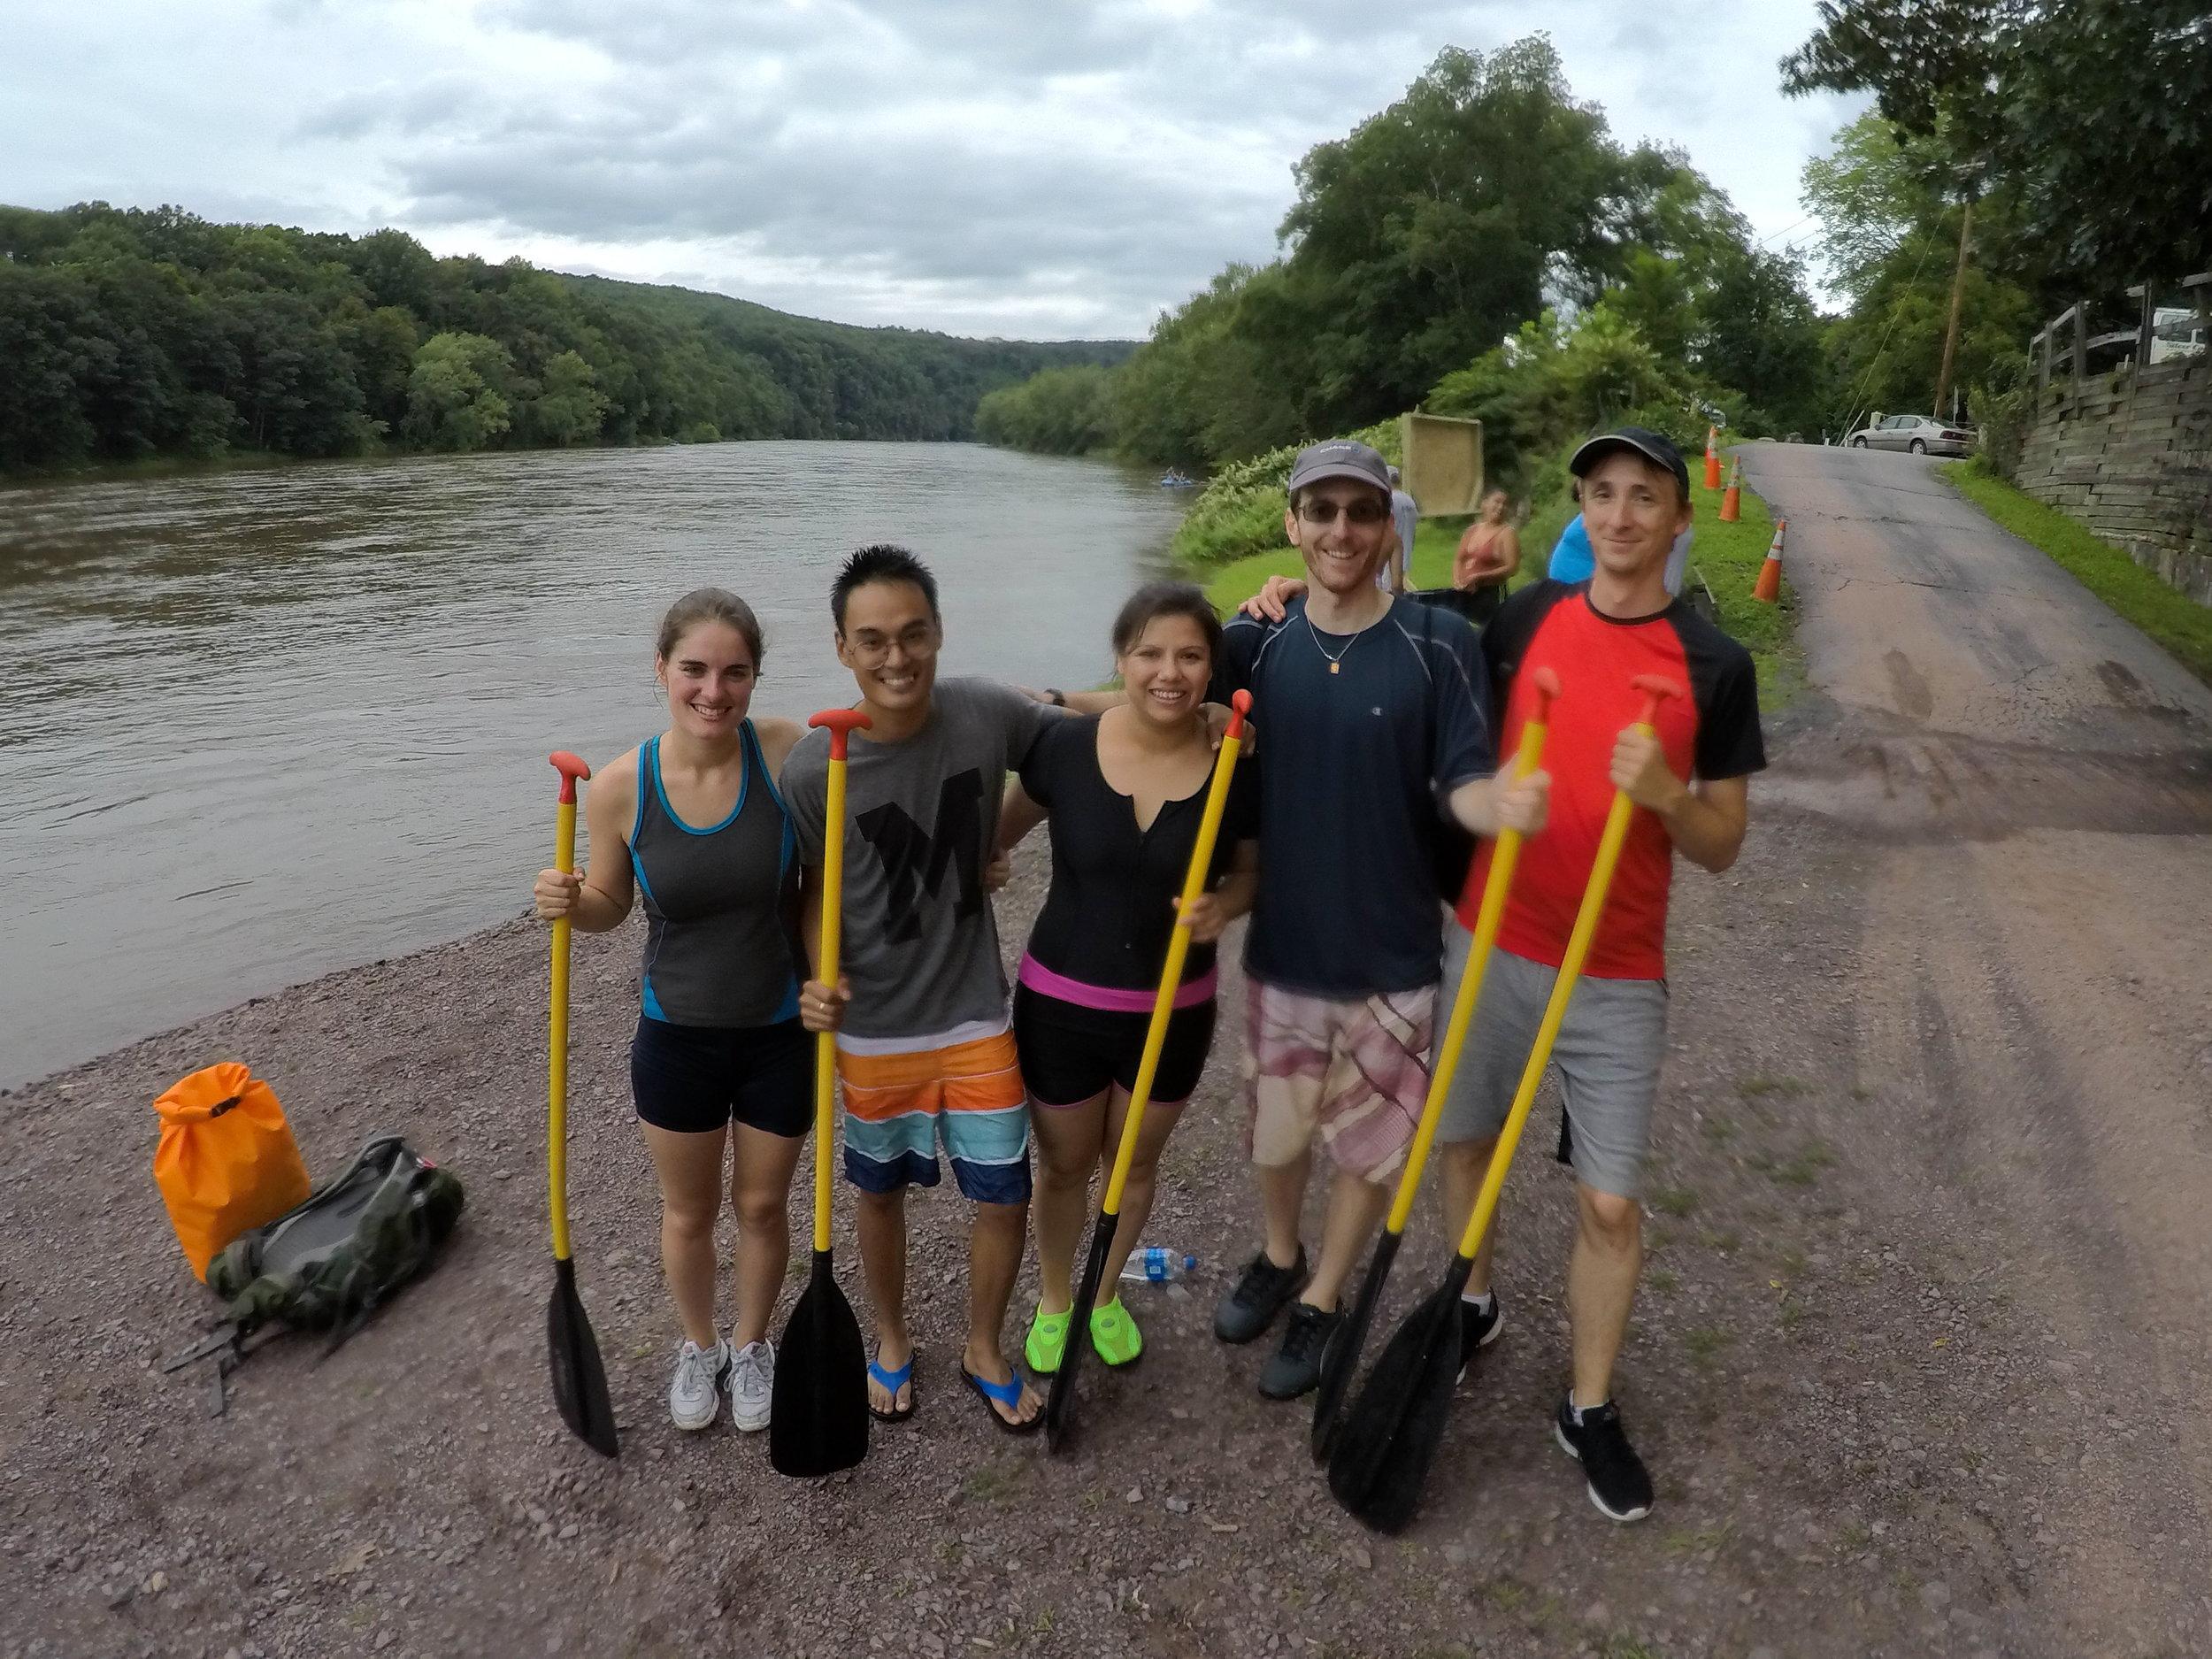 Rafting @ Delaware River